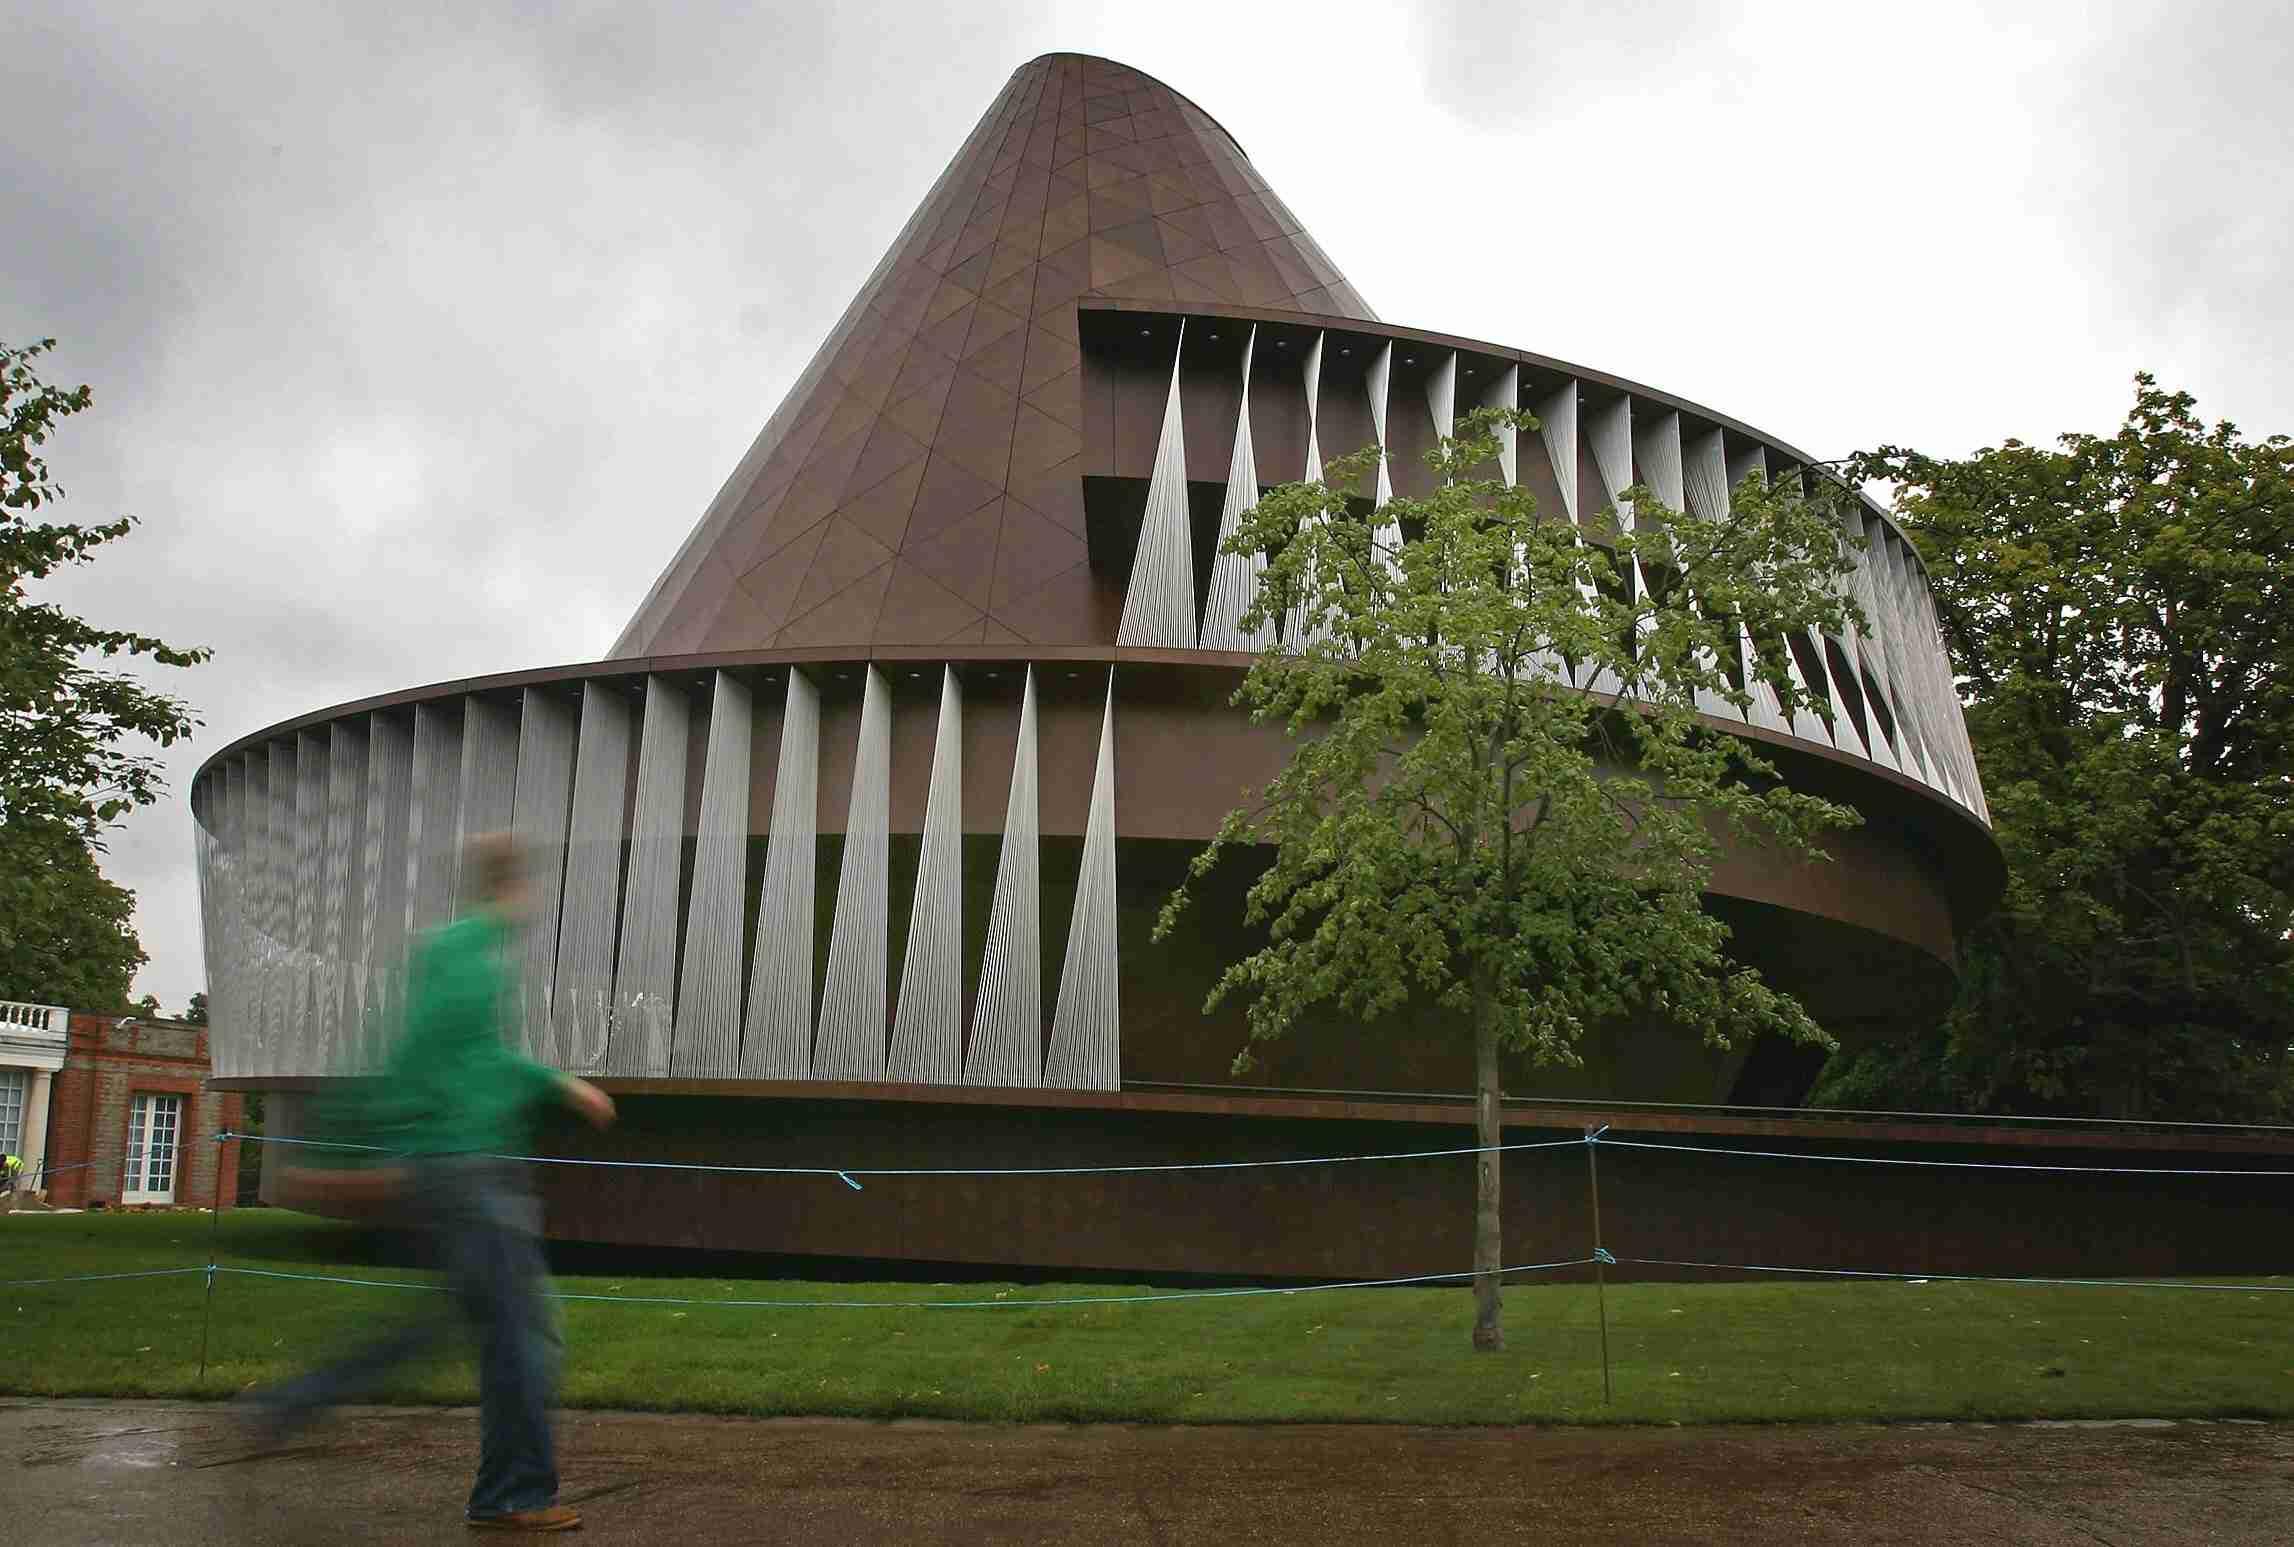 The Serpentine Gallery Pavilion in 2007, London, by Norwegian Architect Kjetil Thorsen